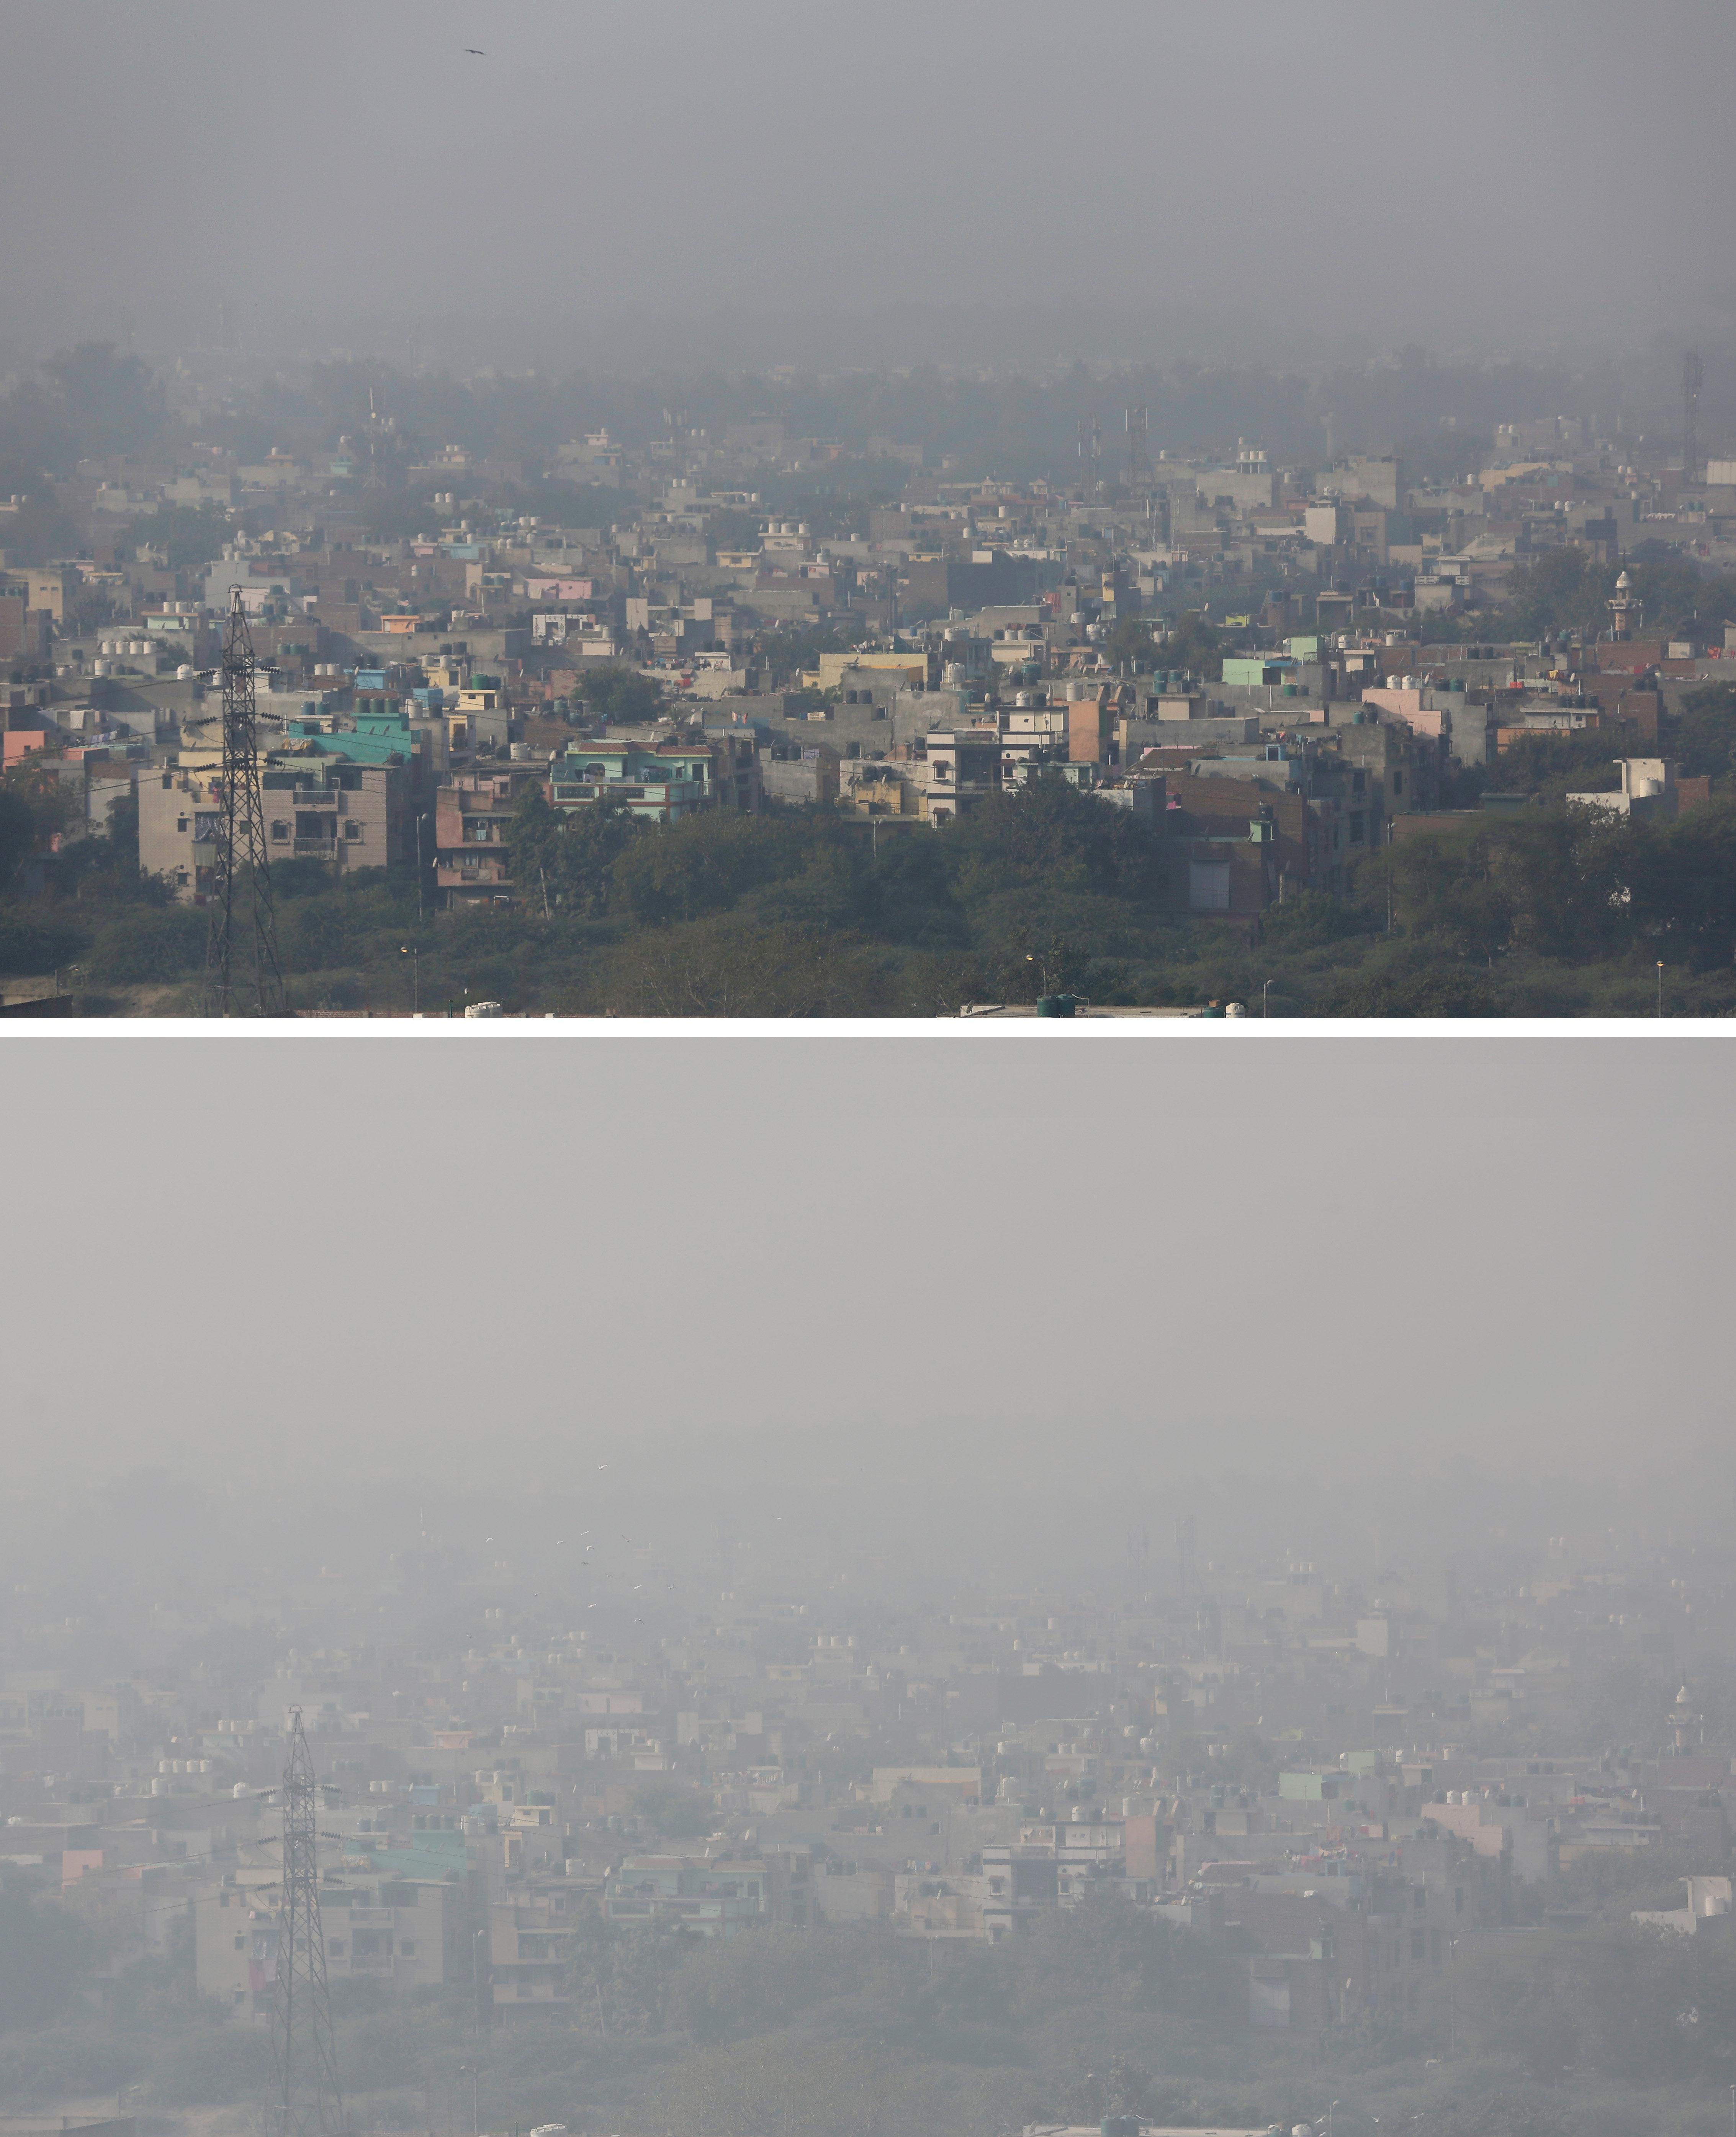 New Delhi-Pollution-Paris talks